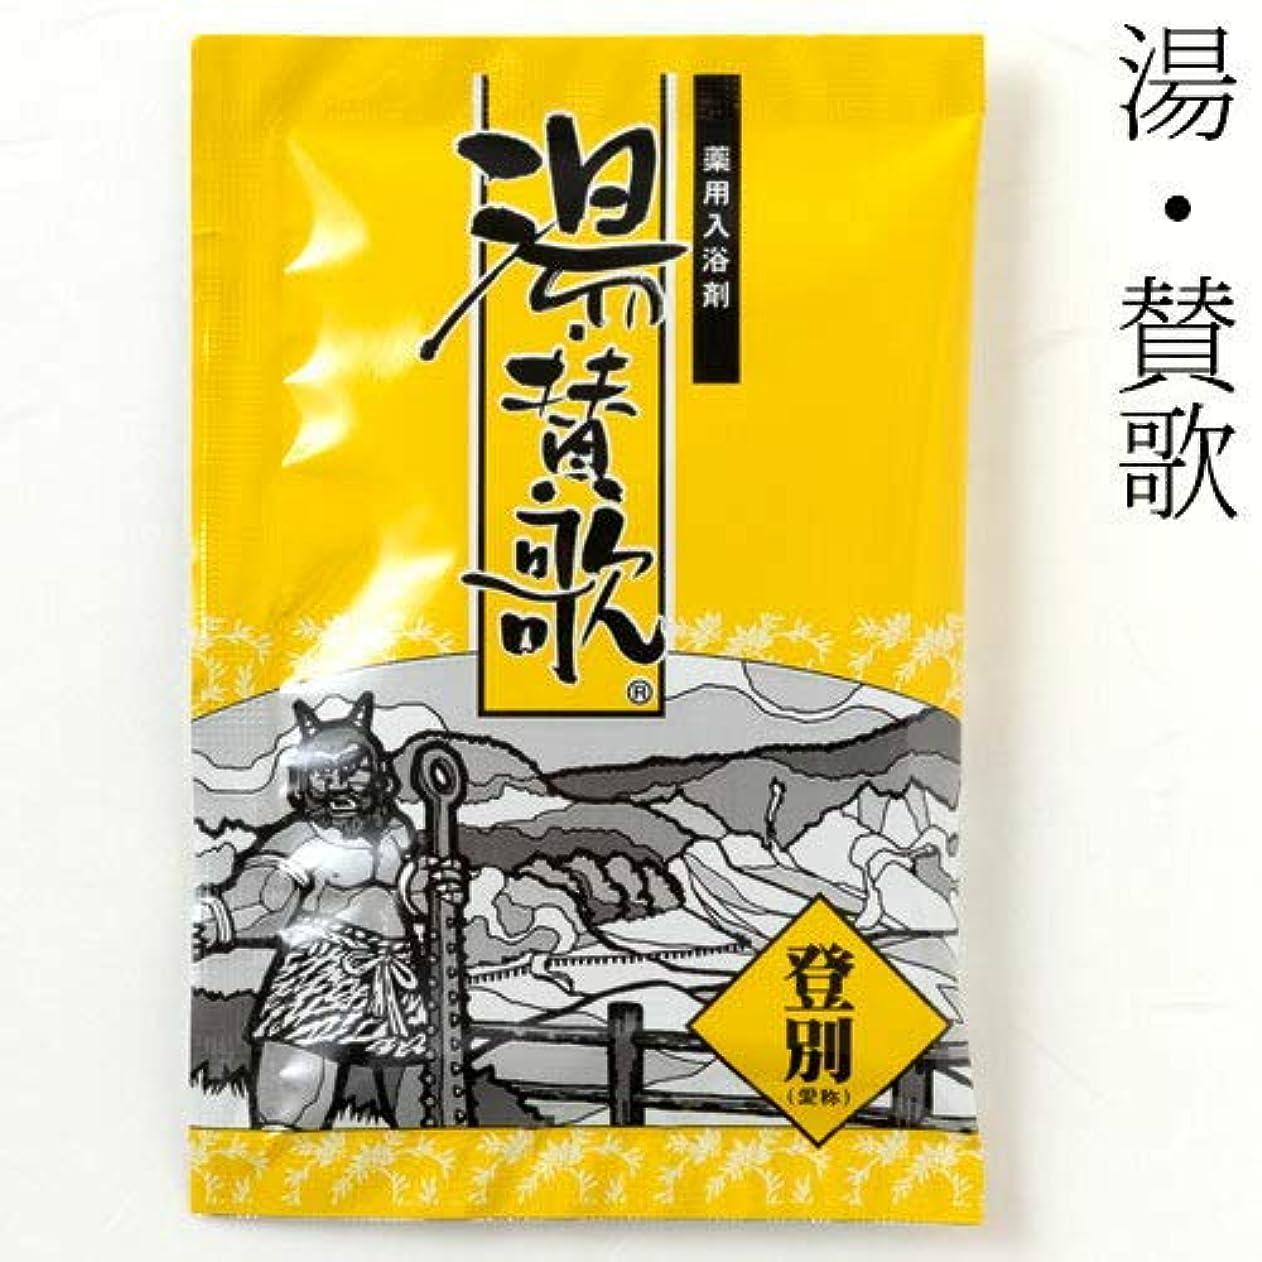 大破グラス見落とす入浴剤湯?賛歌登別1包石川県のお風呂グッズBath additive, Ishikawa craft